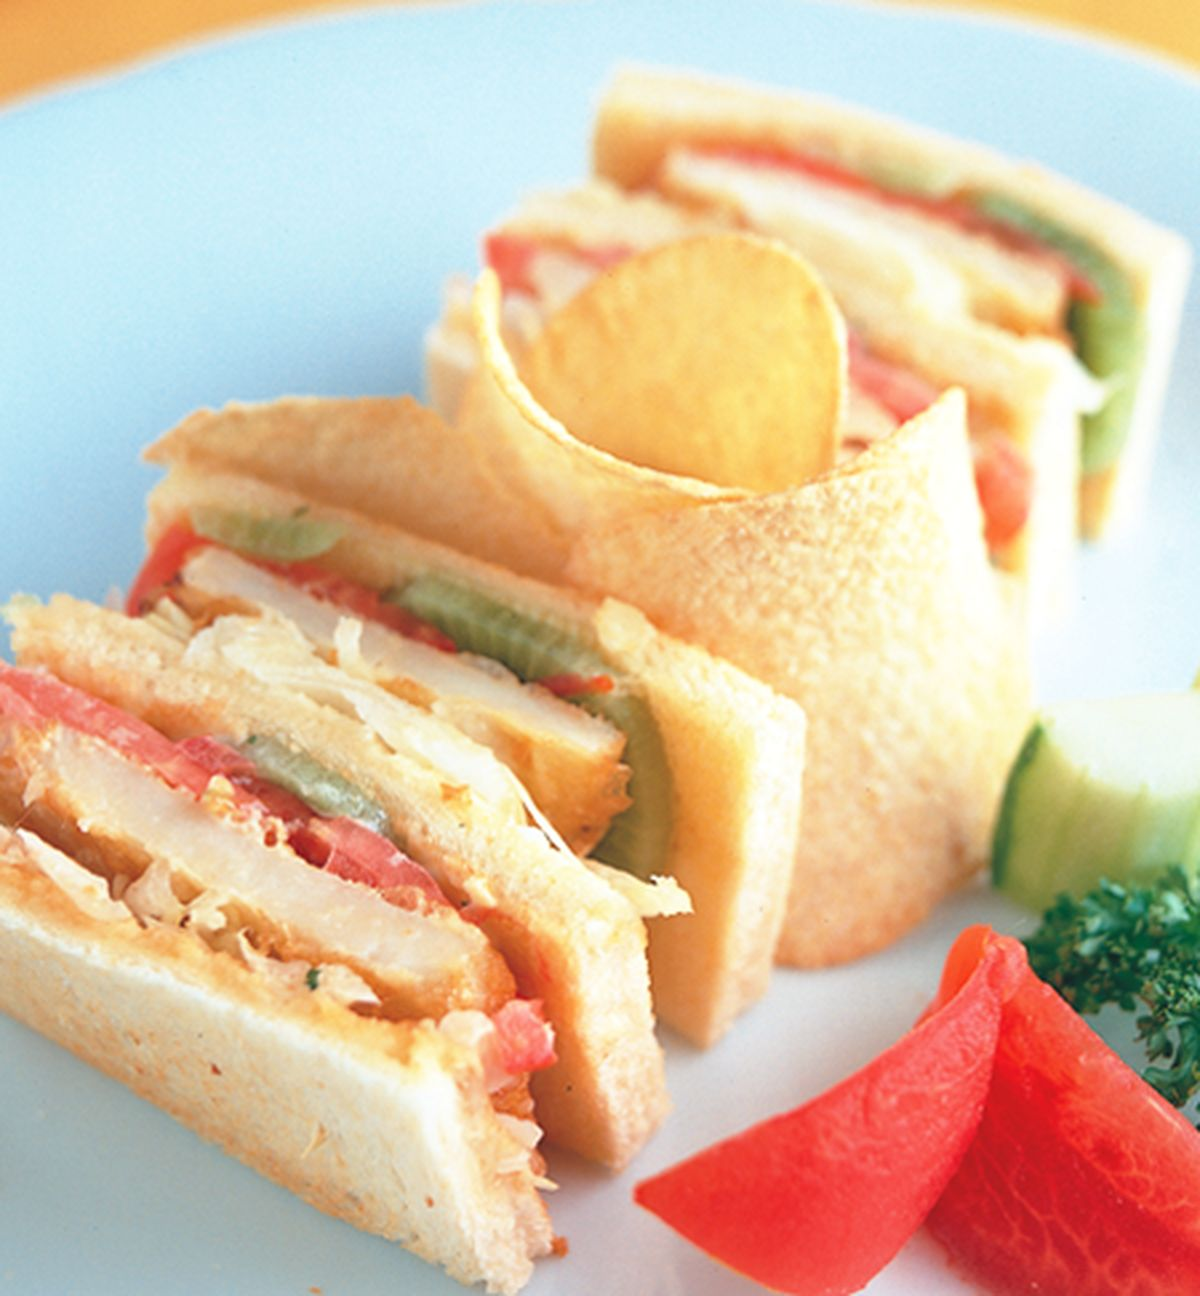 食譜:洋芋鮮果三明治